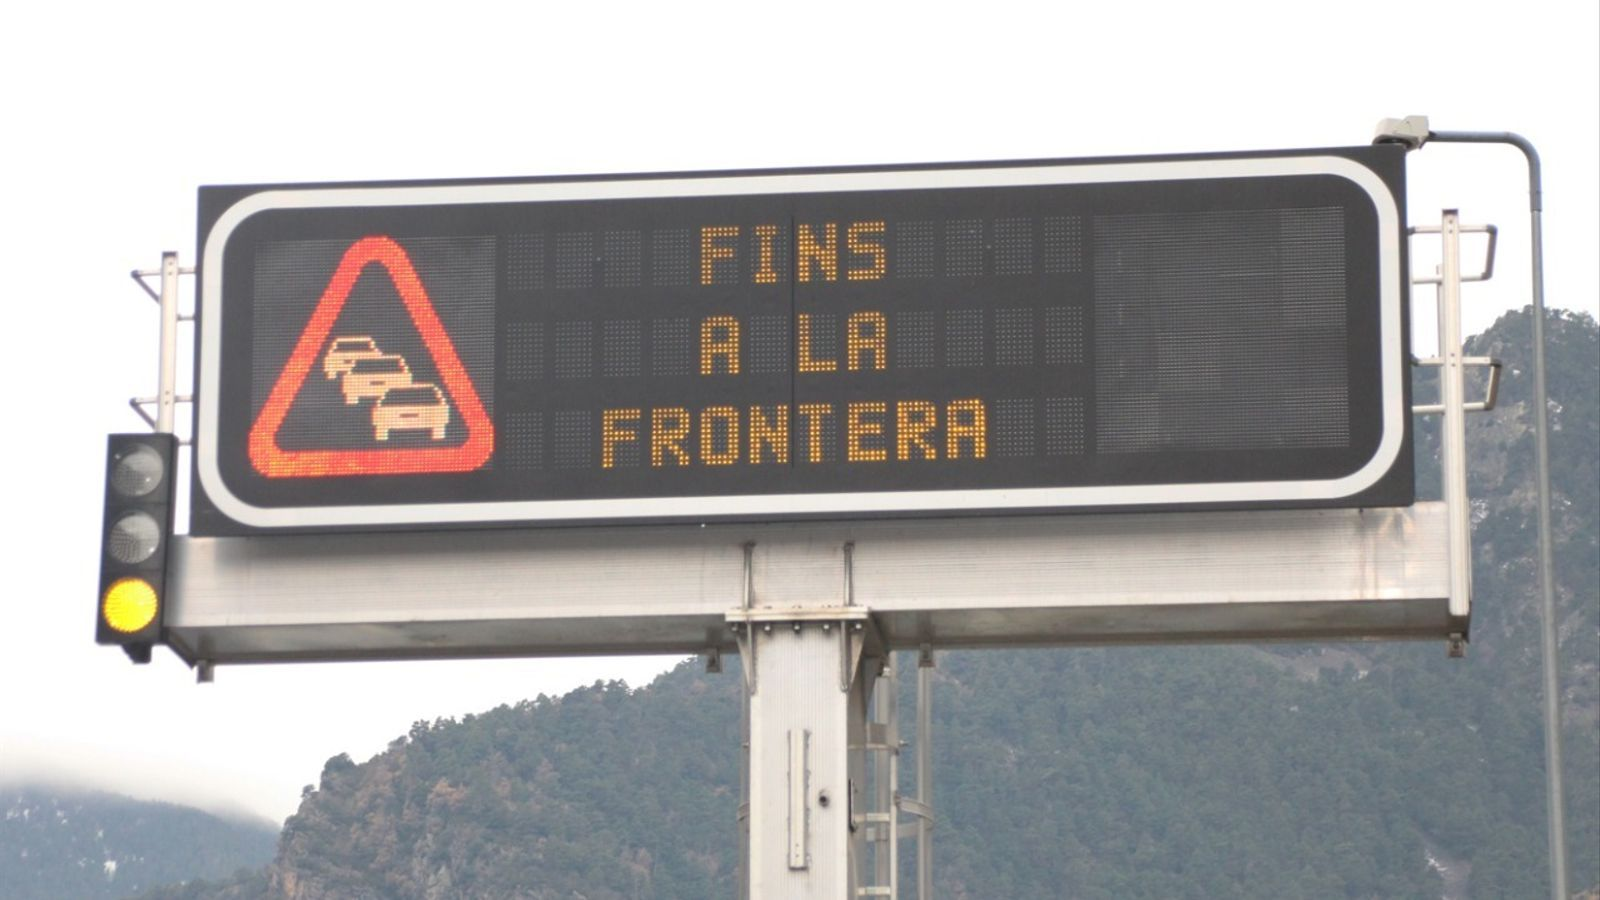 Imatge d'arxiu d'un rètol avisant de retencions per sortir d'Andorra, una imatge inèdita a dia d'avui. / ANA